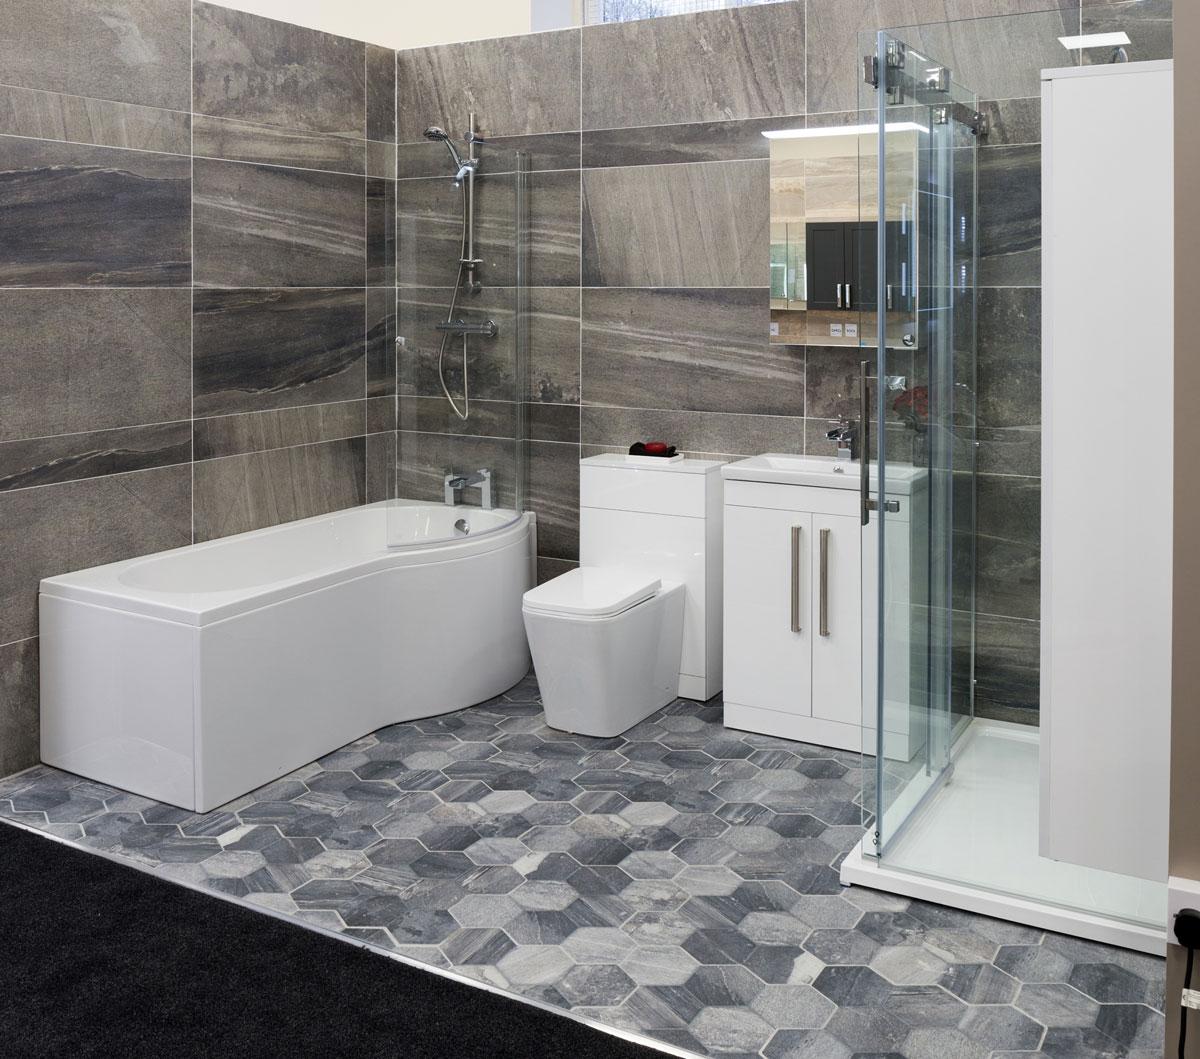 Rumah minimalis modern gambar con for Dekor kamar hotel